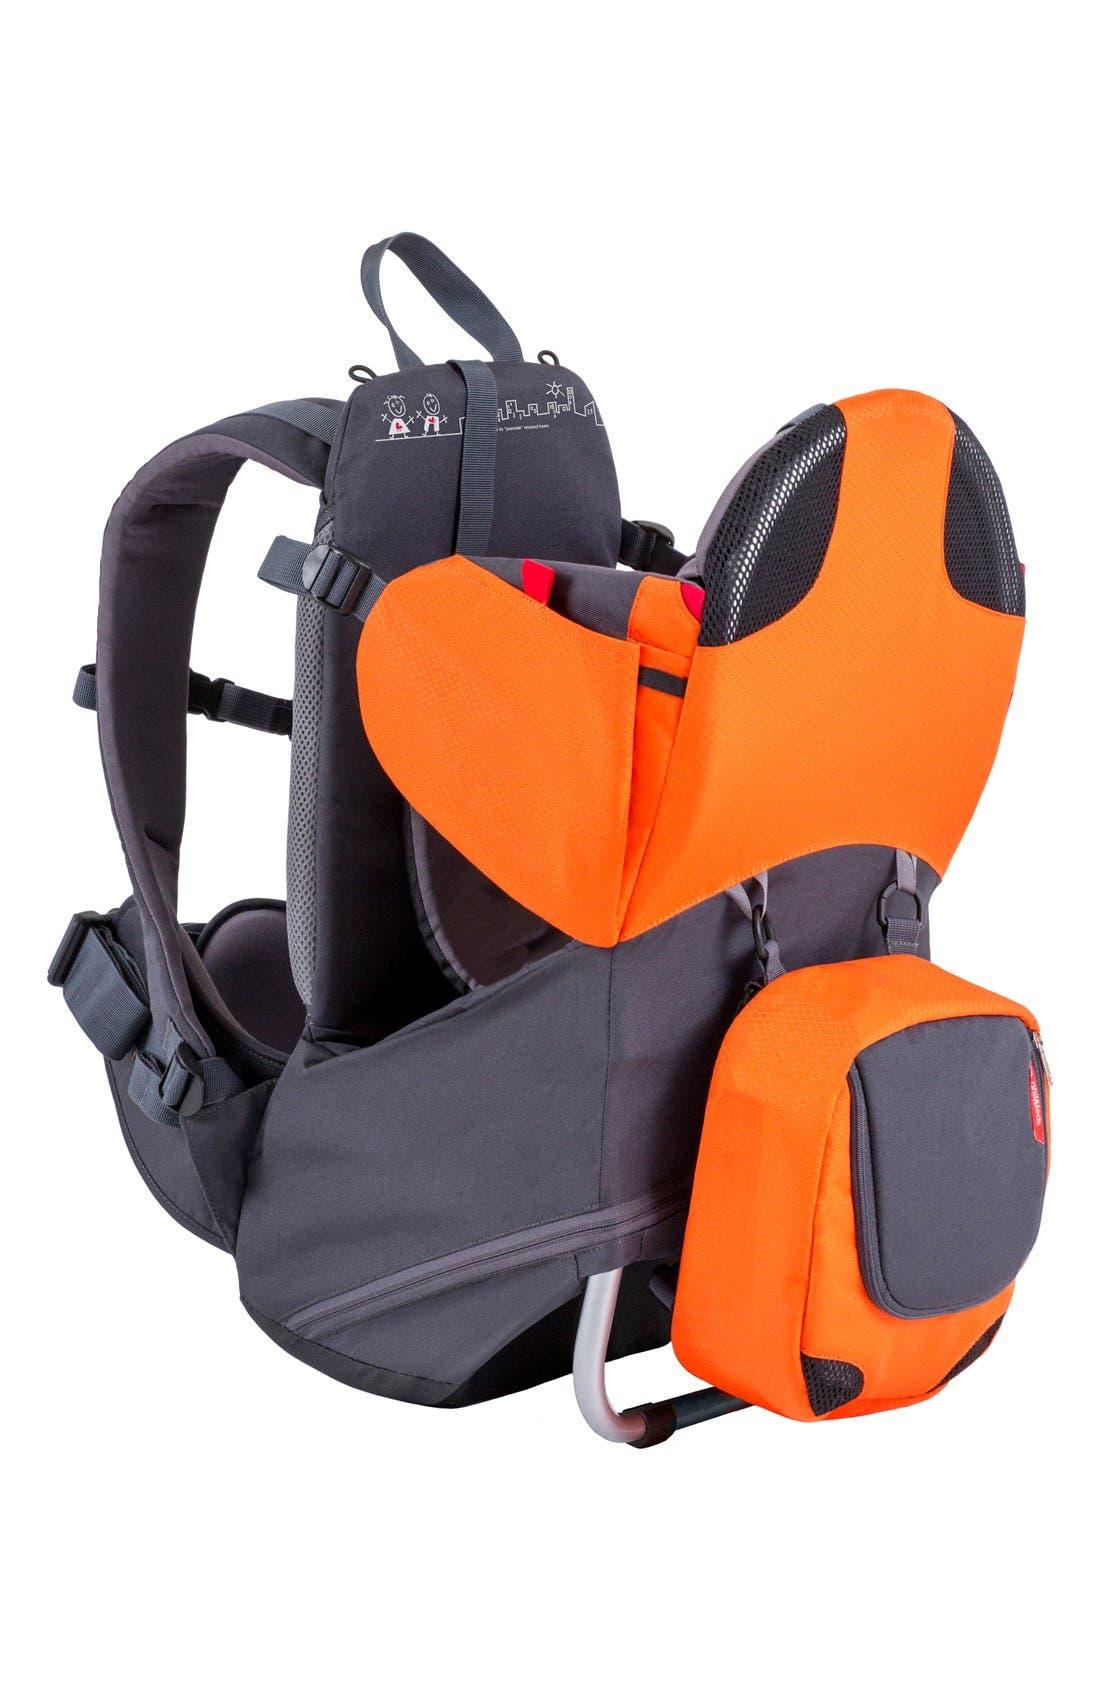 'Parade' Backpack Carrier,                         Main,                         color, Orange/ Grey